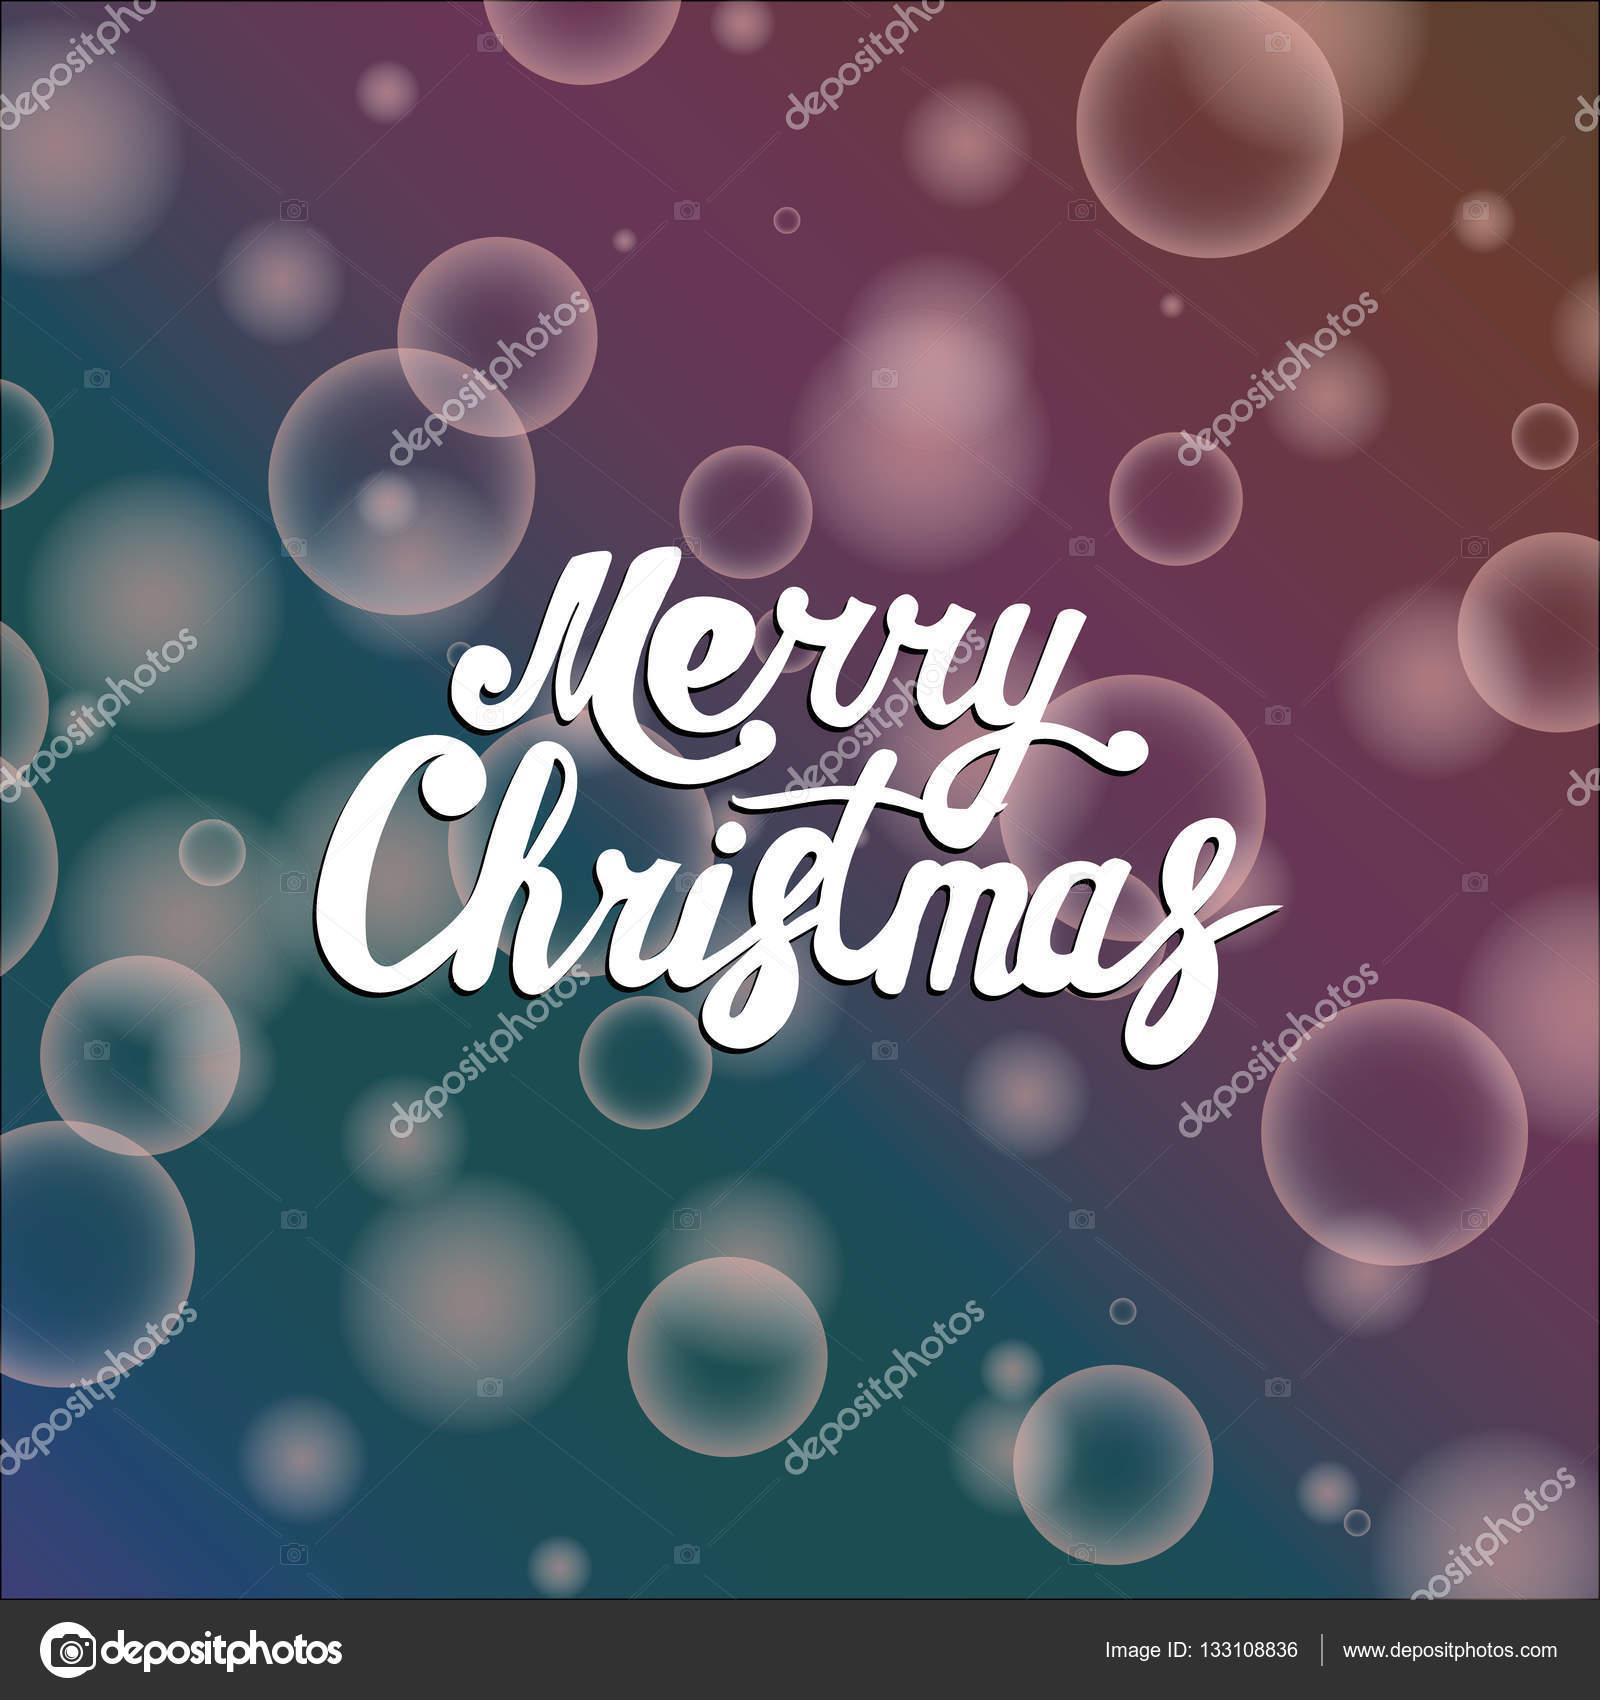 gefeliciteerd met kerst Gefeliciteerd met kerst dit jaar — Stockvector © Cathyrina #133108836 gefeliciteerd met kerst